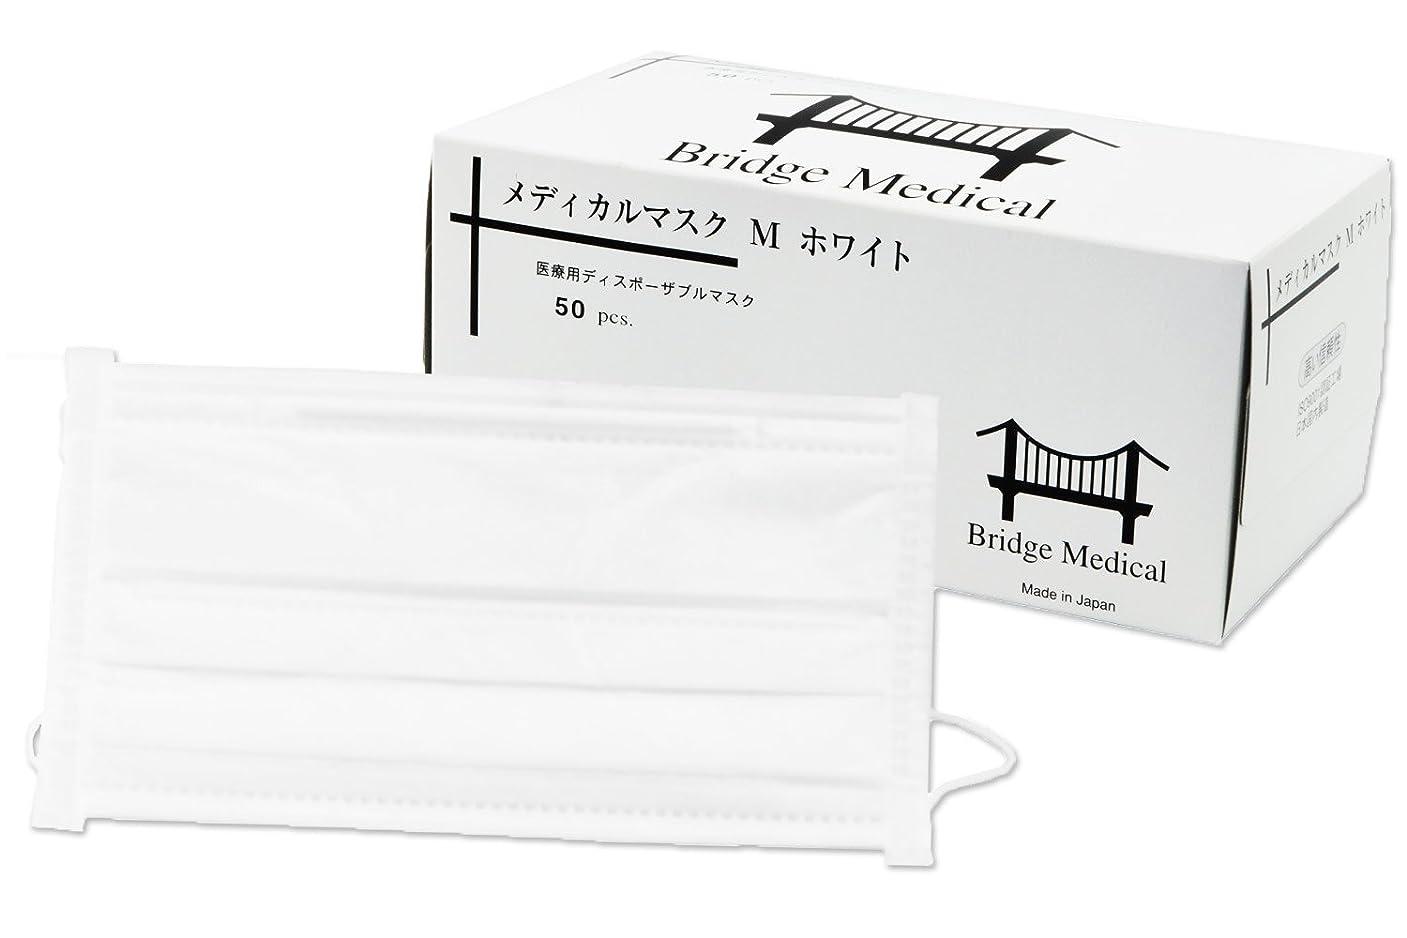 構築する全員最初ブリッジ メディカルマスク(ドクターマスク)Mサイズ ホワイト 50枚入 pm2.5対策日本製マスク